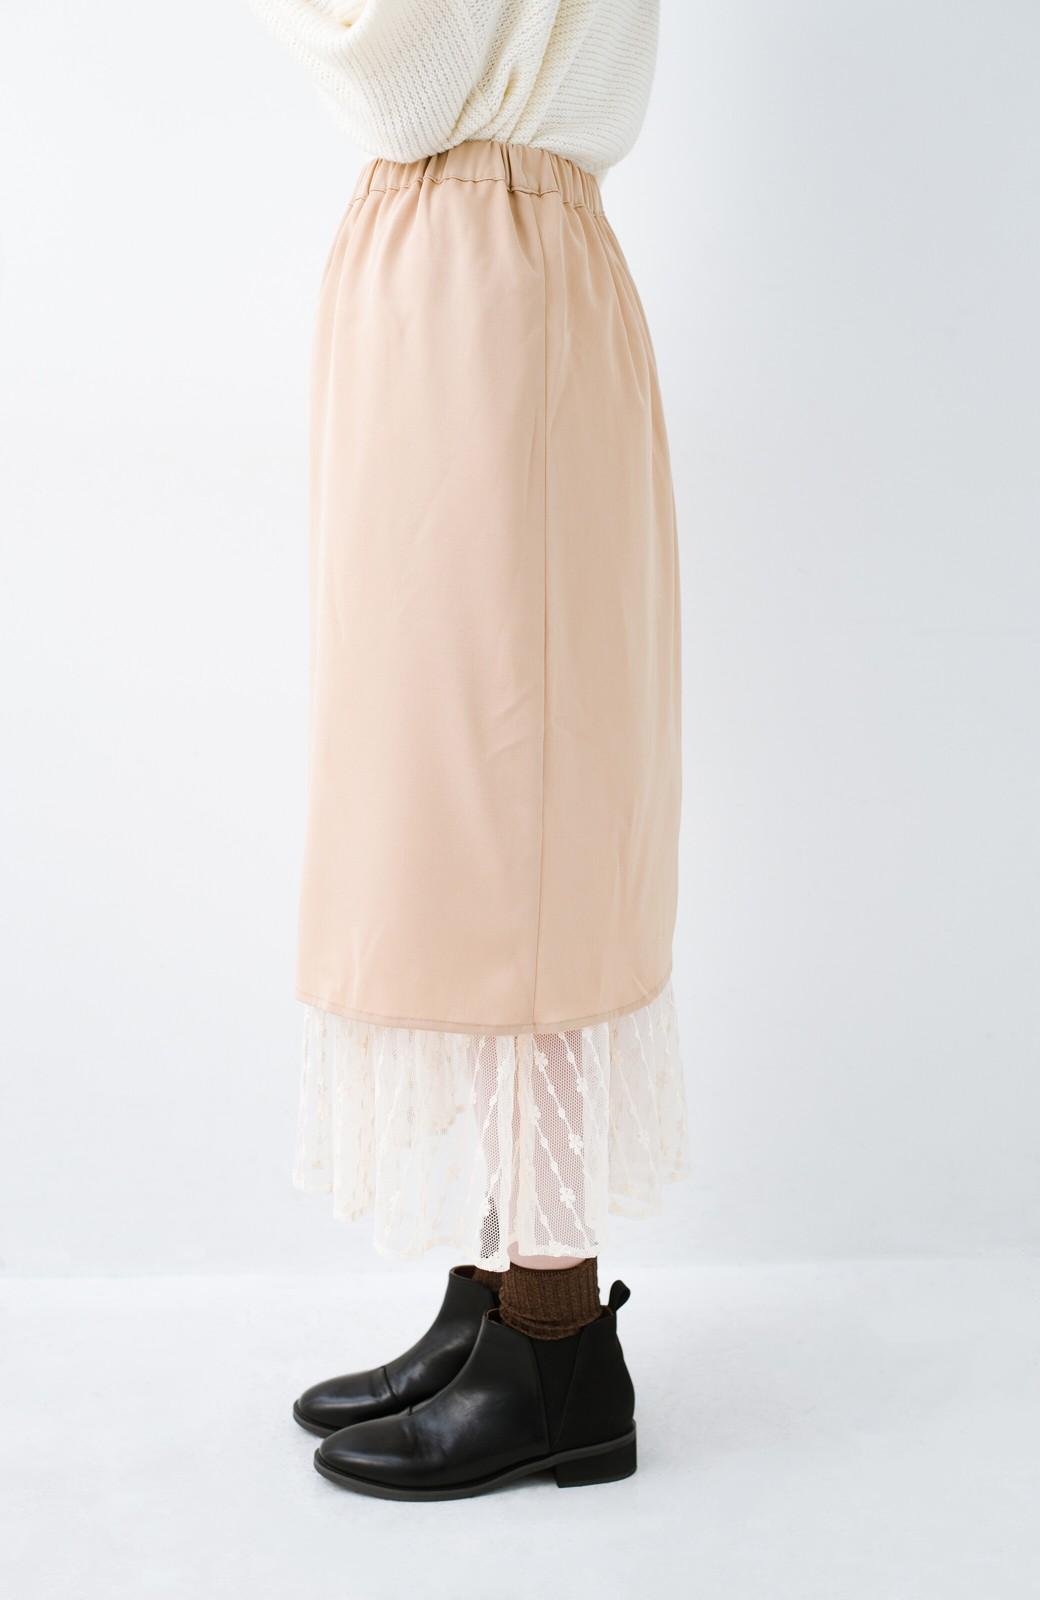 haco! 【旅の救世主】裏も表も重ね着も!着こなし自由自在なチュールリバーシブルスカート <ベージュ系その他>の商品写真12